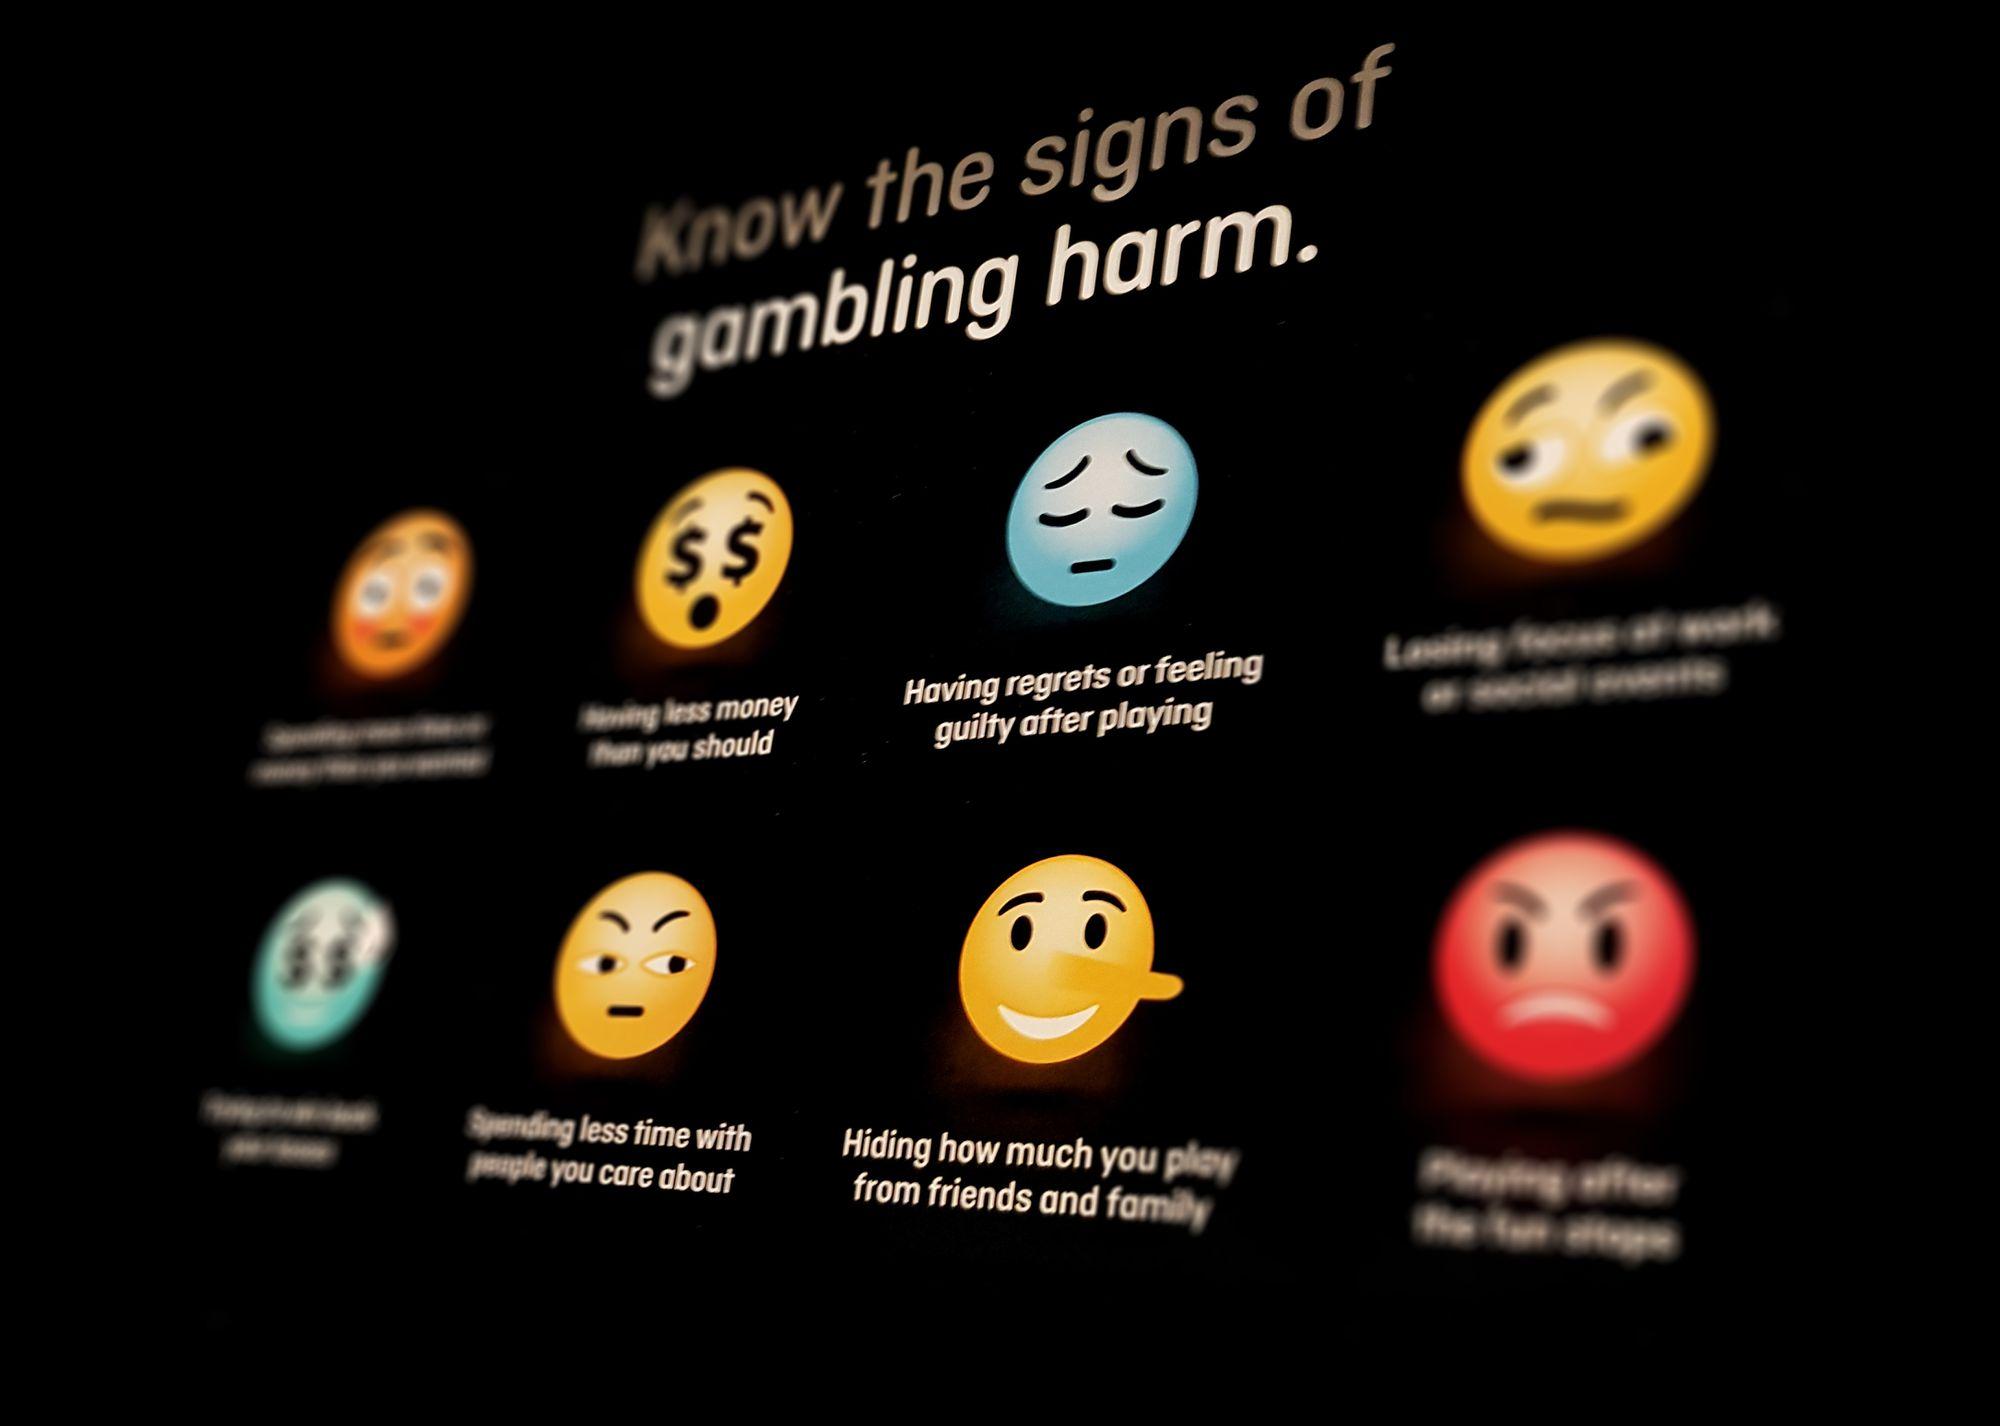 La psychologie sociale au service de la prévention des conduites à risque